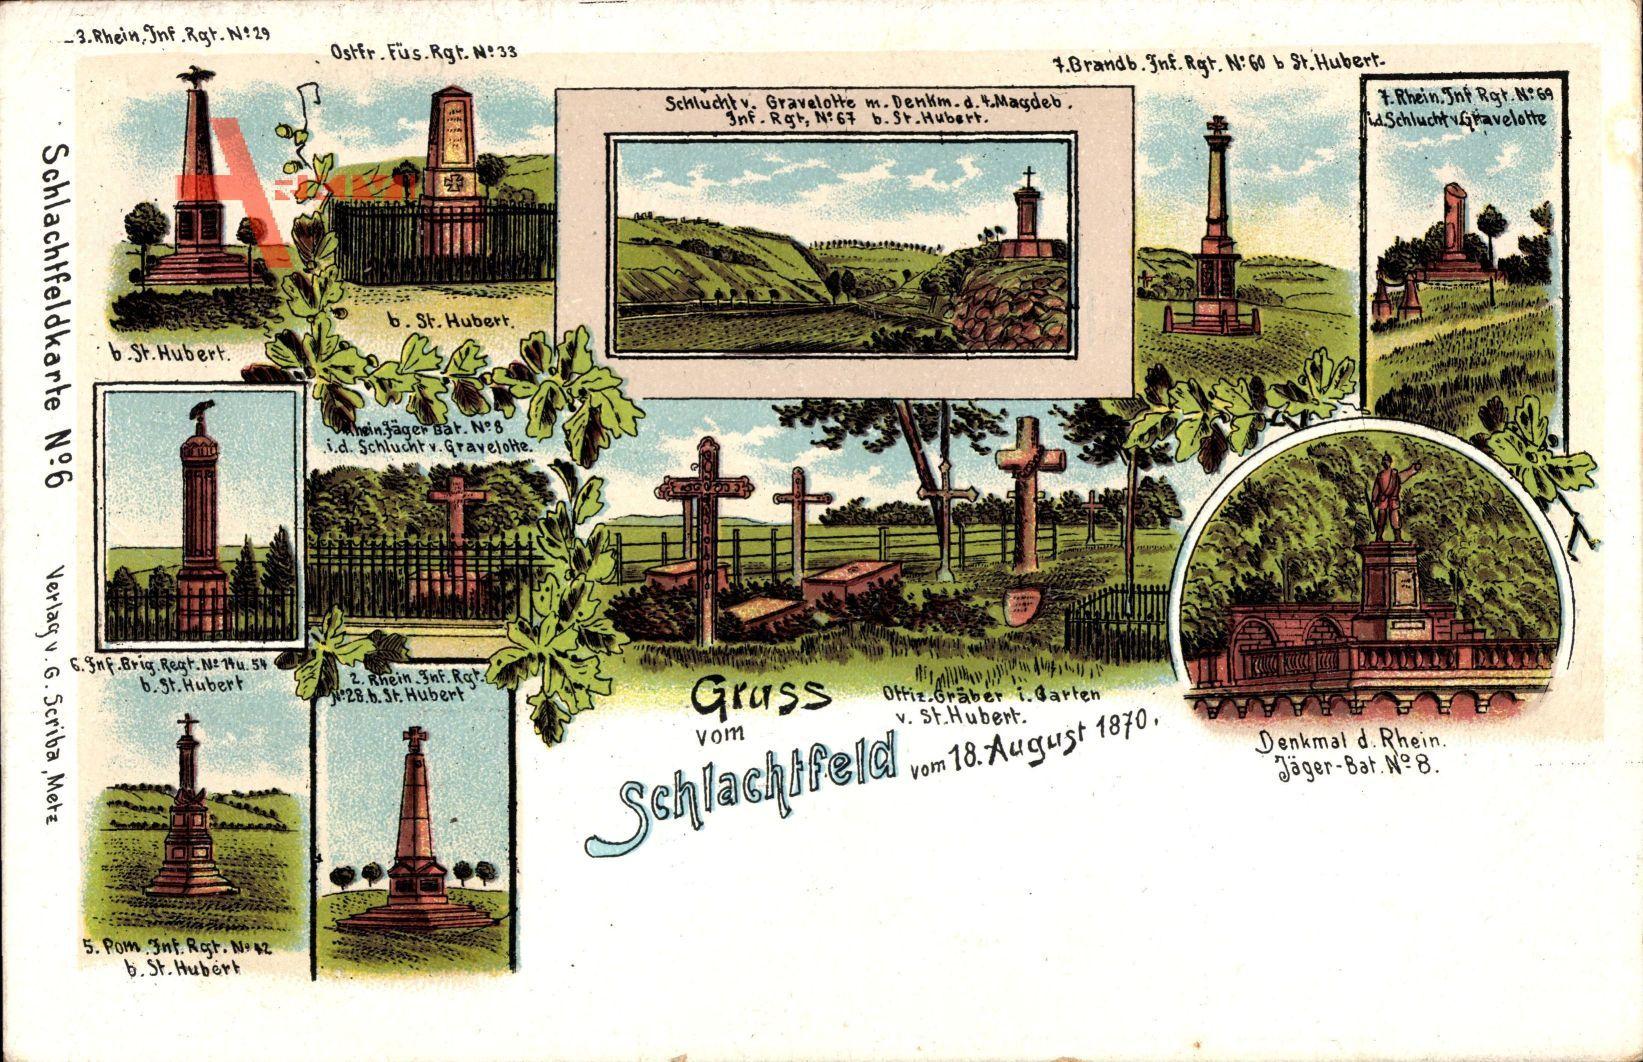 Schlachtfeld vom 18 August 1870, Kriegsdenkmäler, Schlachtfeldkarte No 6